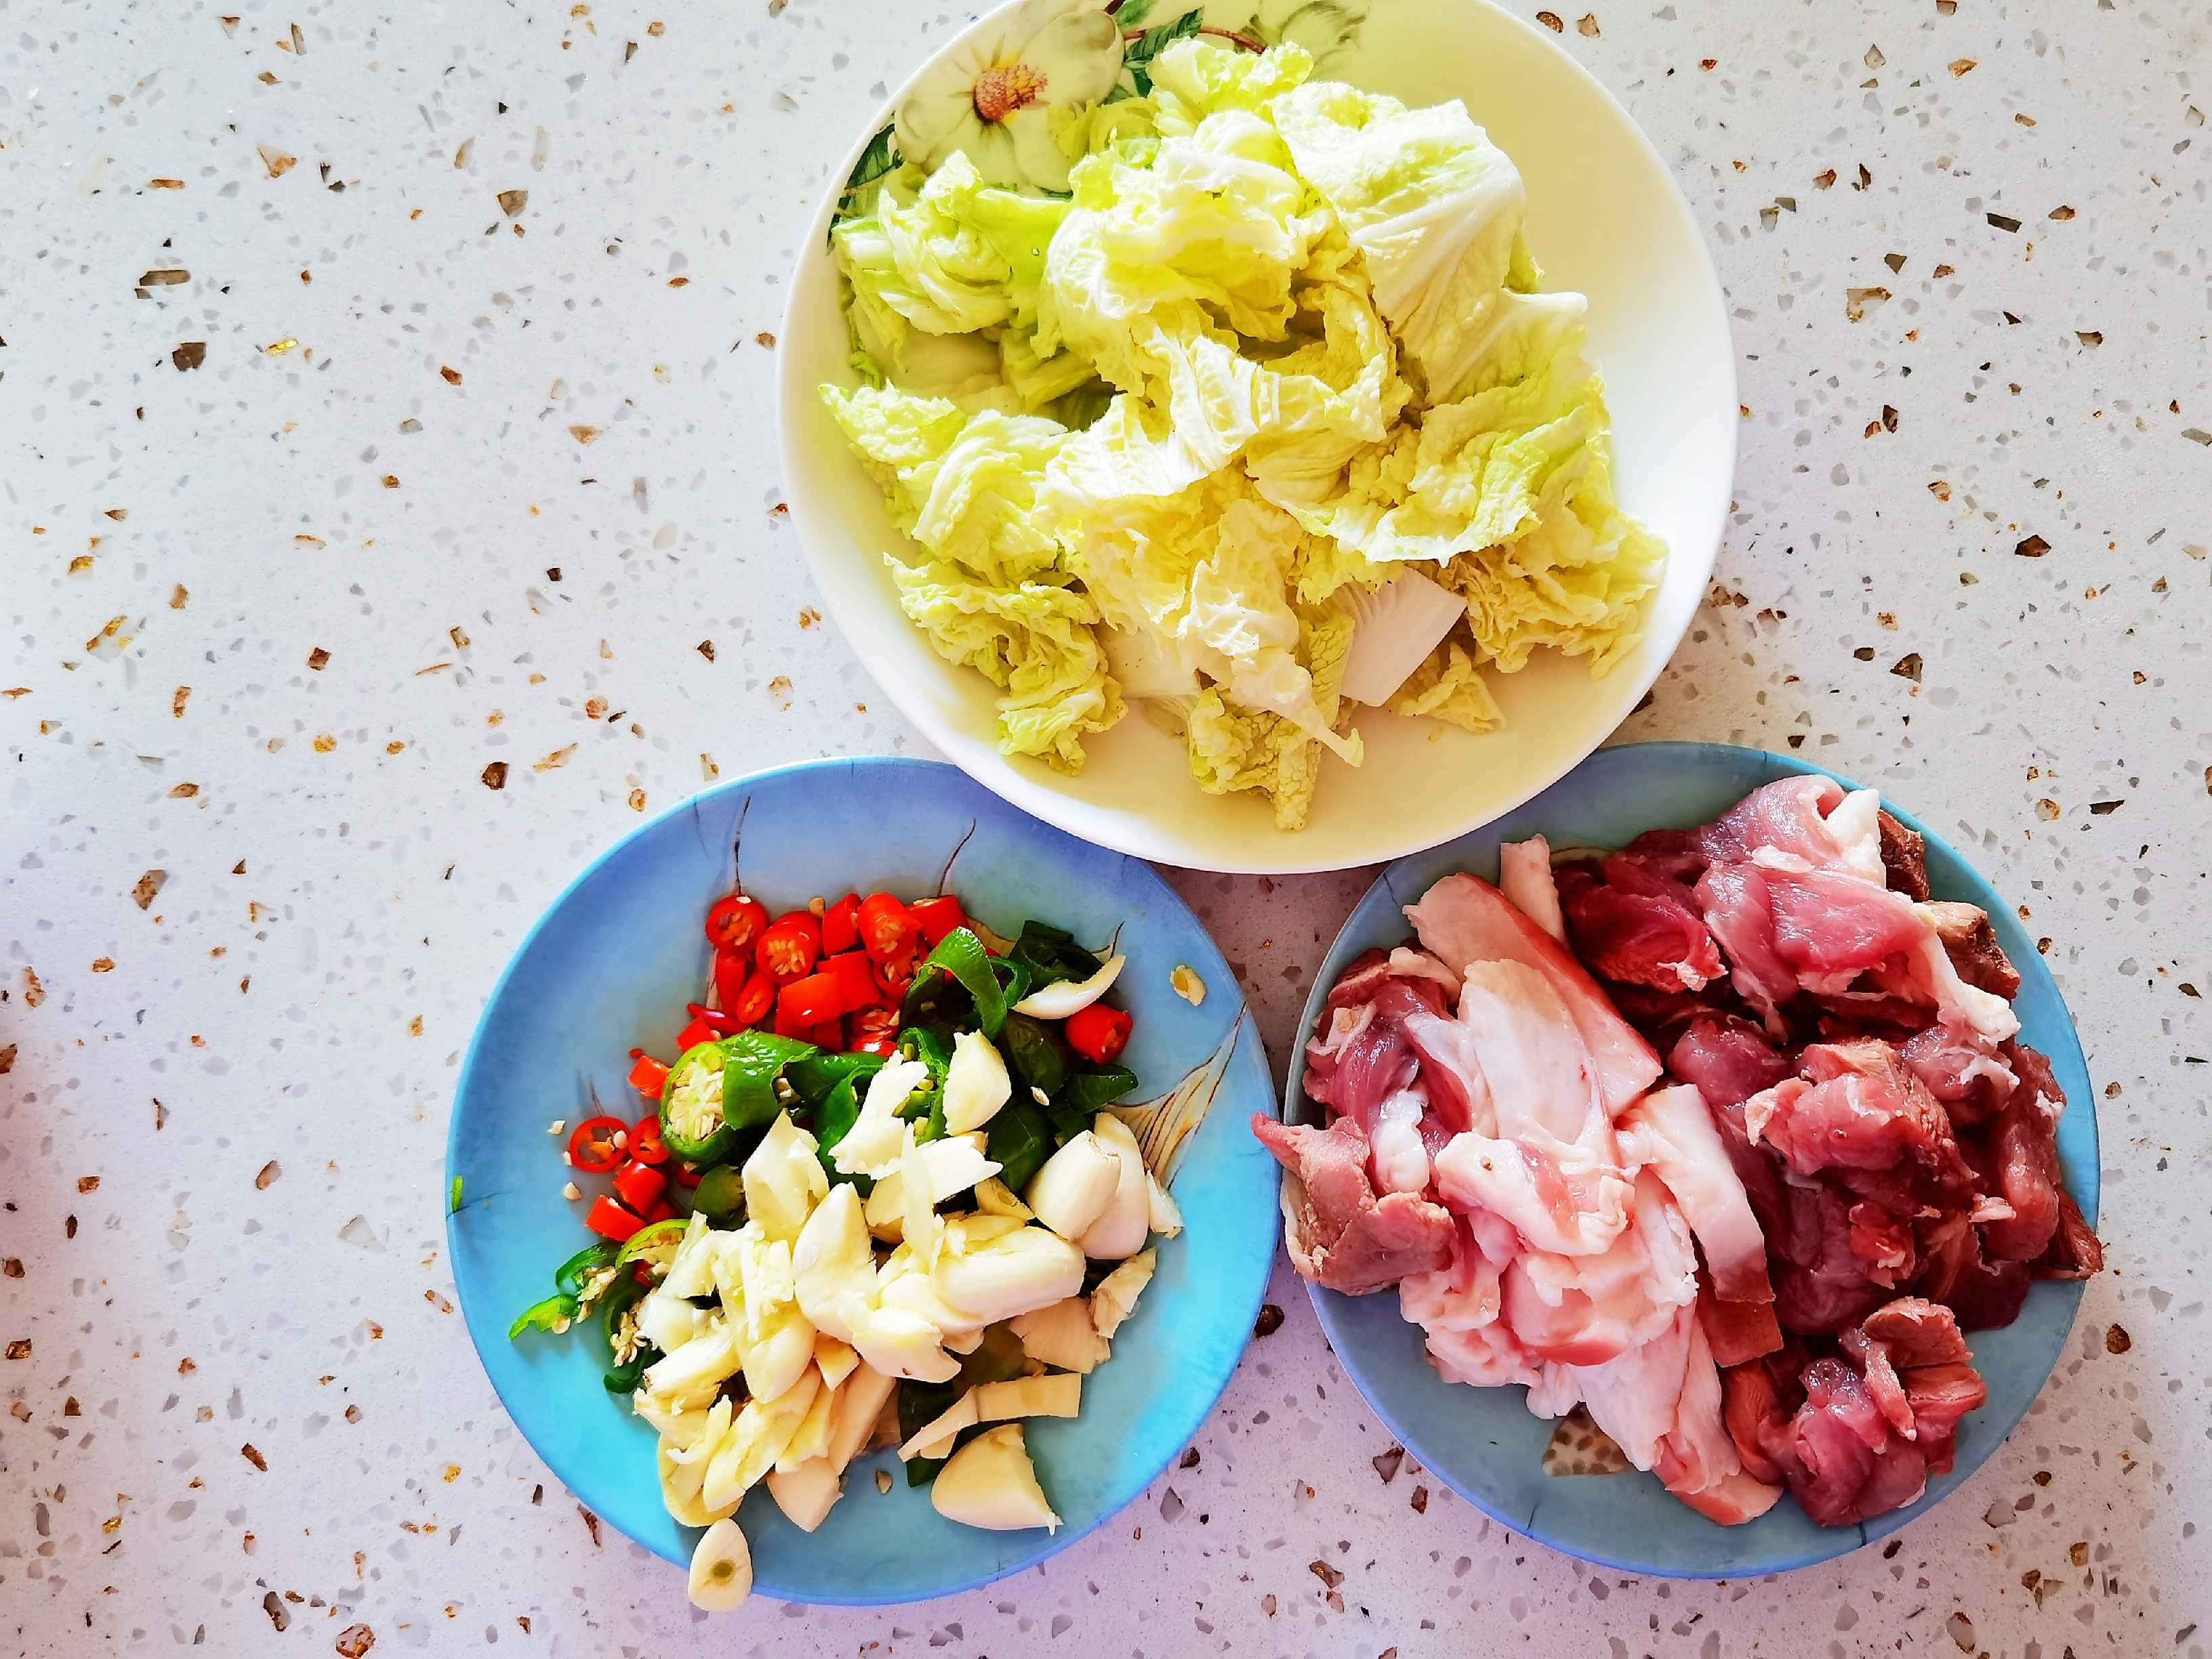 冬日暖胃家常菜-豆腐粉丝煲,荤素搭配,经济实惠又美味的做法图解